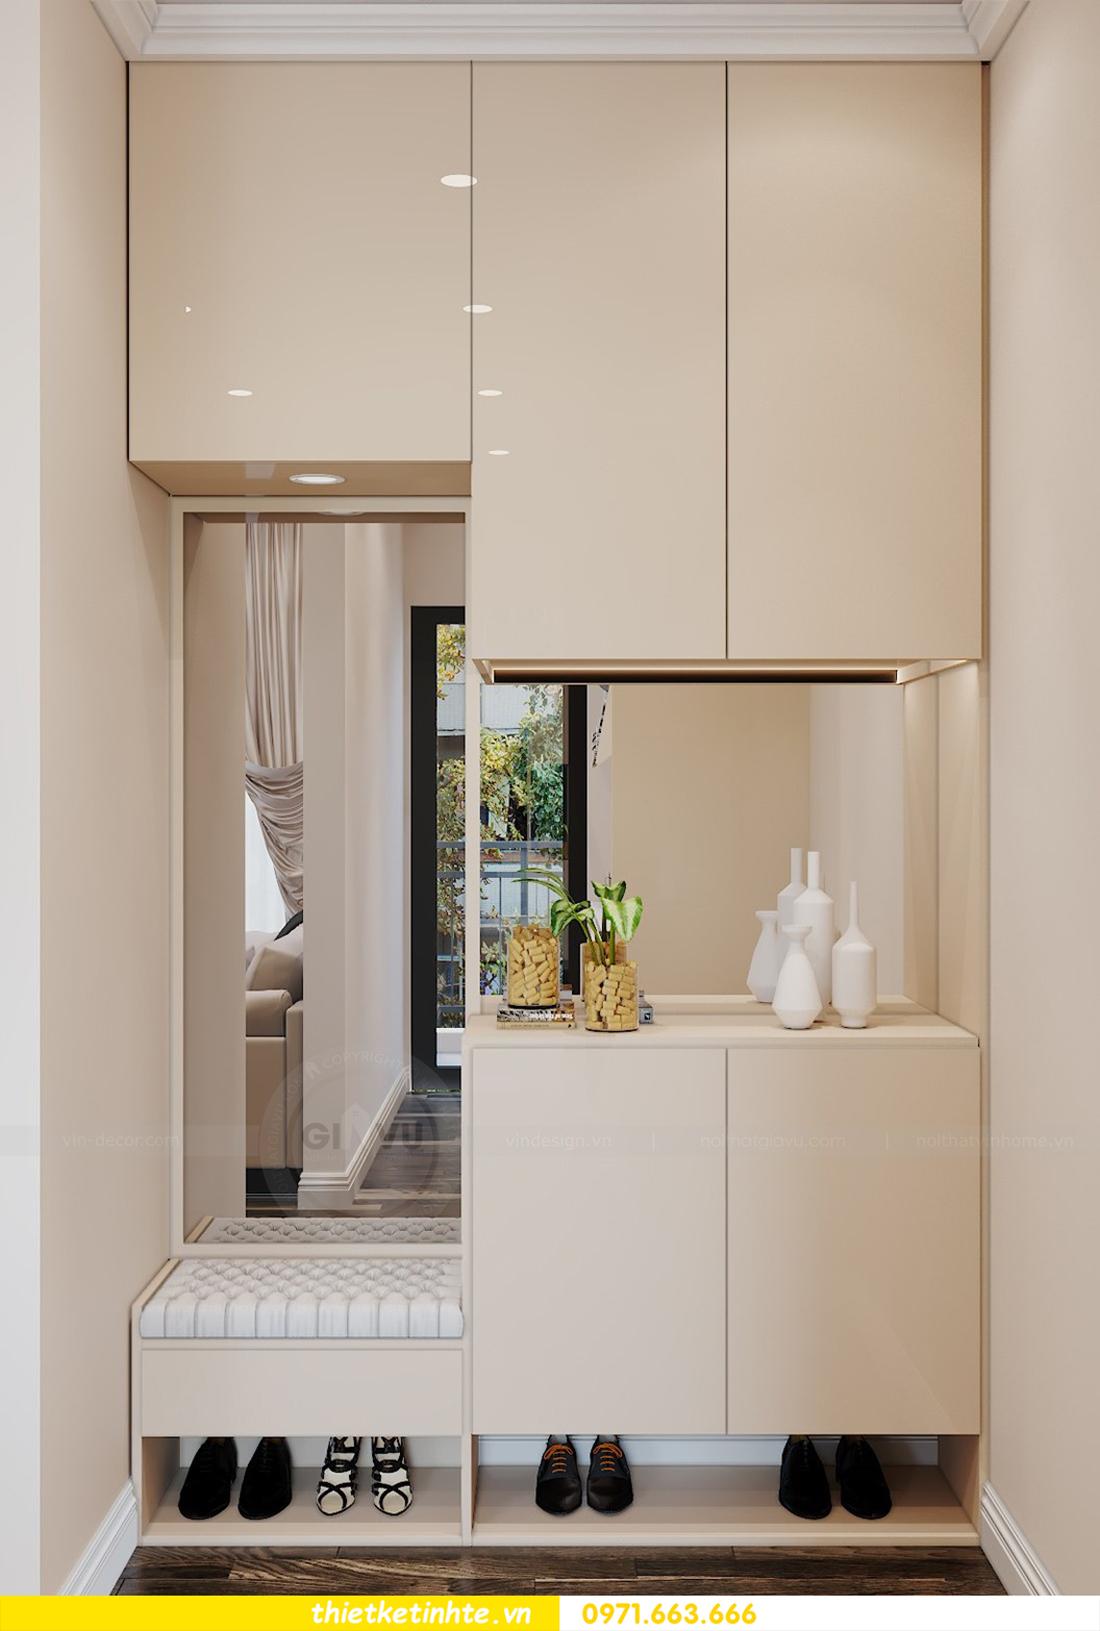 mẫu thiết kế nội thất chung cư D Capitale C109 nhà chị Huyền 01